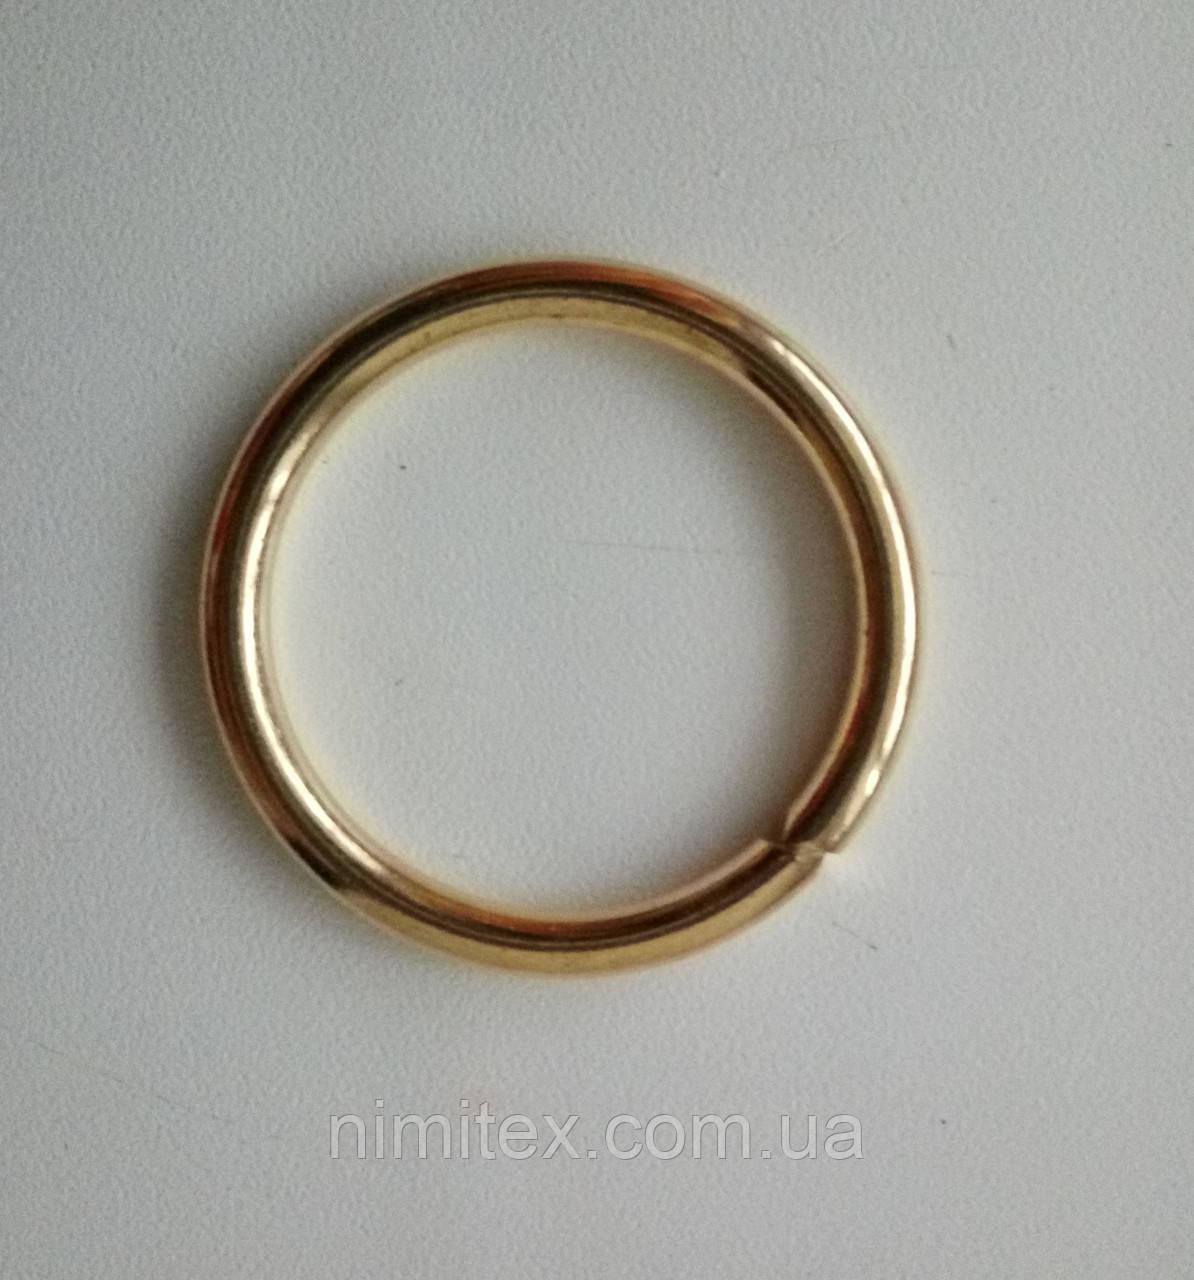 Кольцо литое сварное 31 мм золото